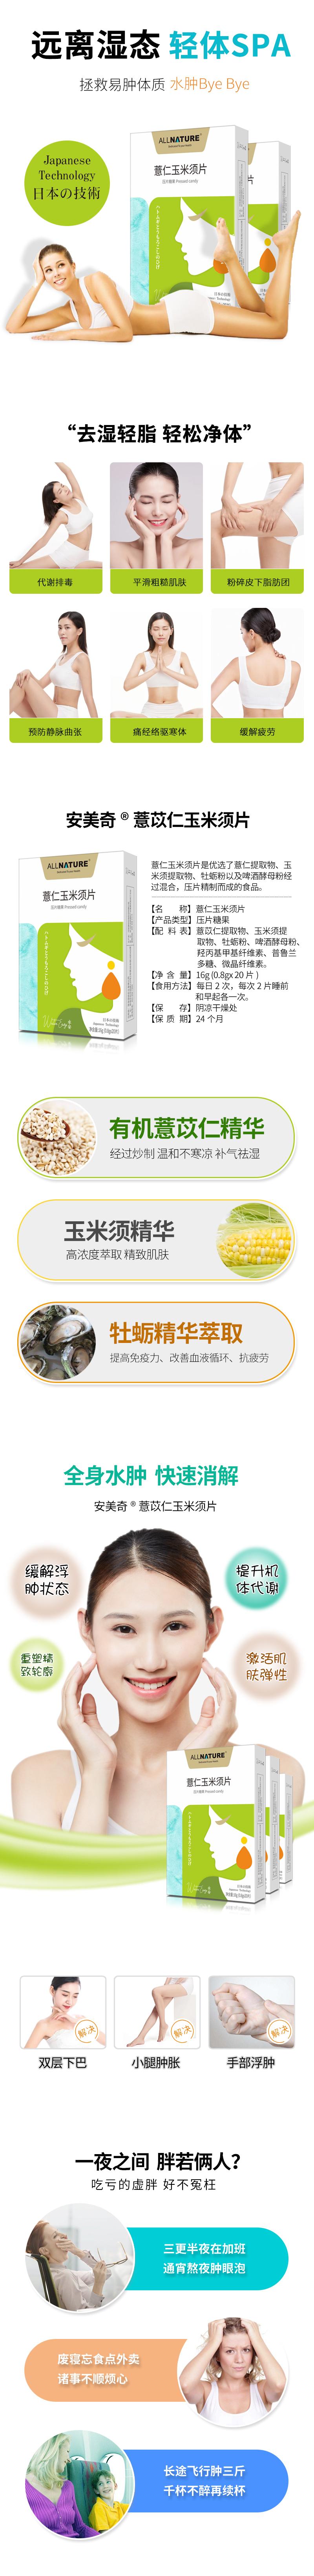 安美奇-薏苡仁玉米须片